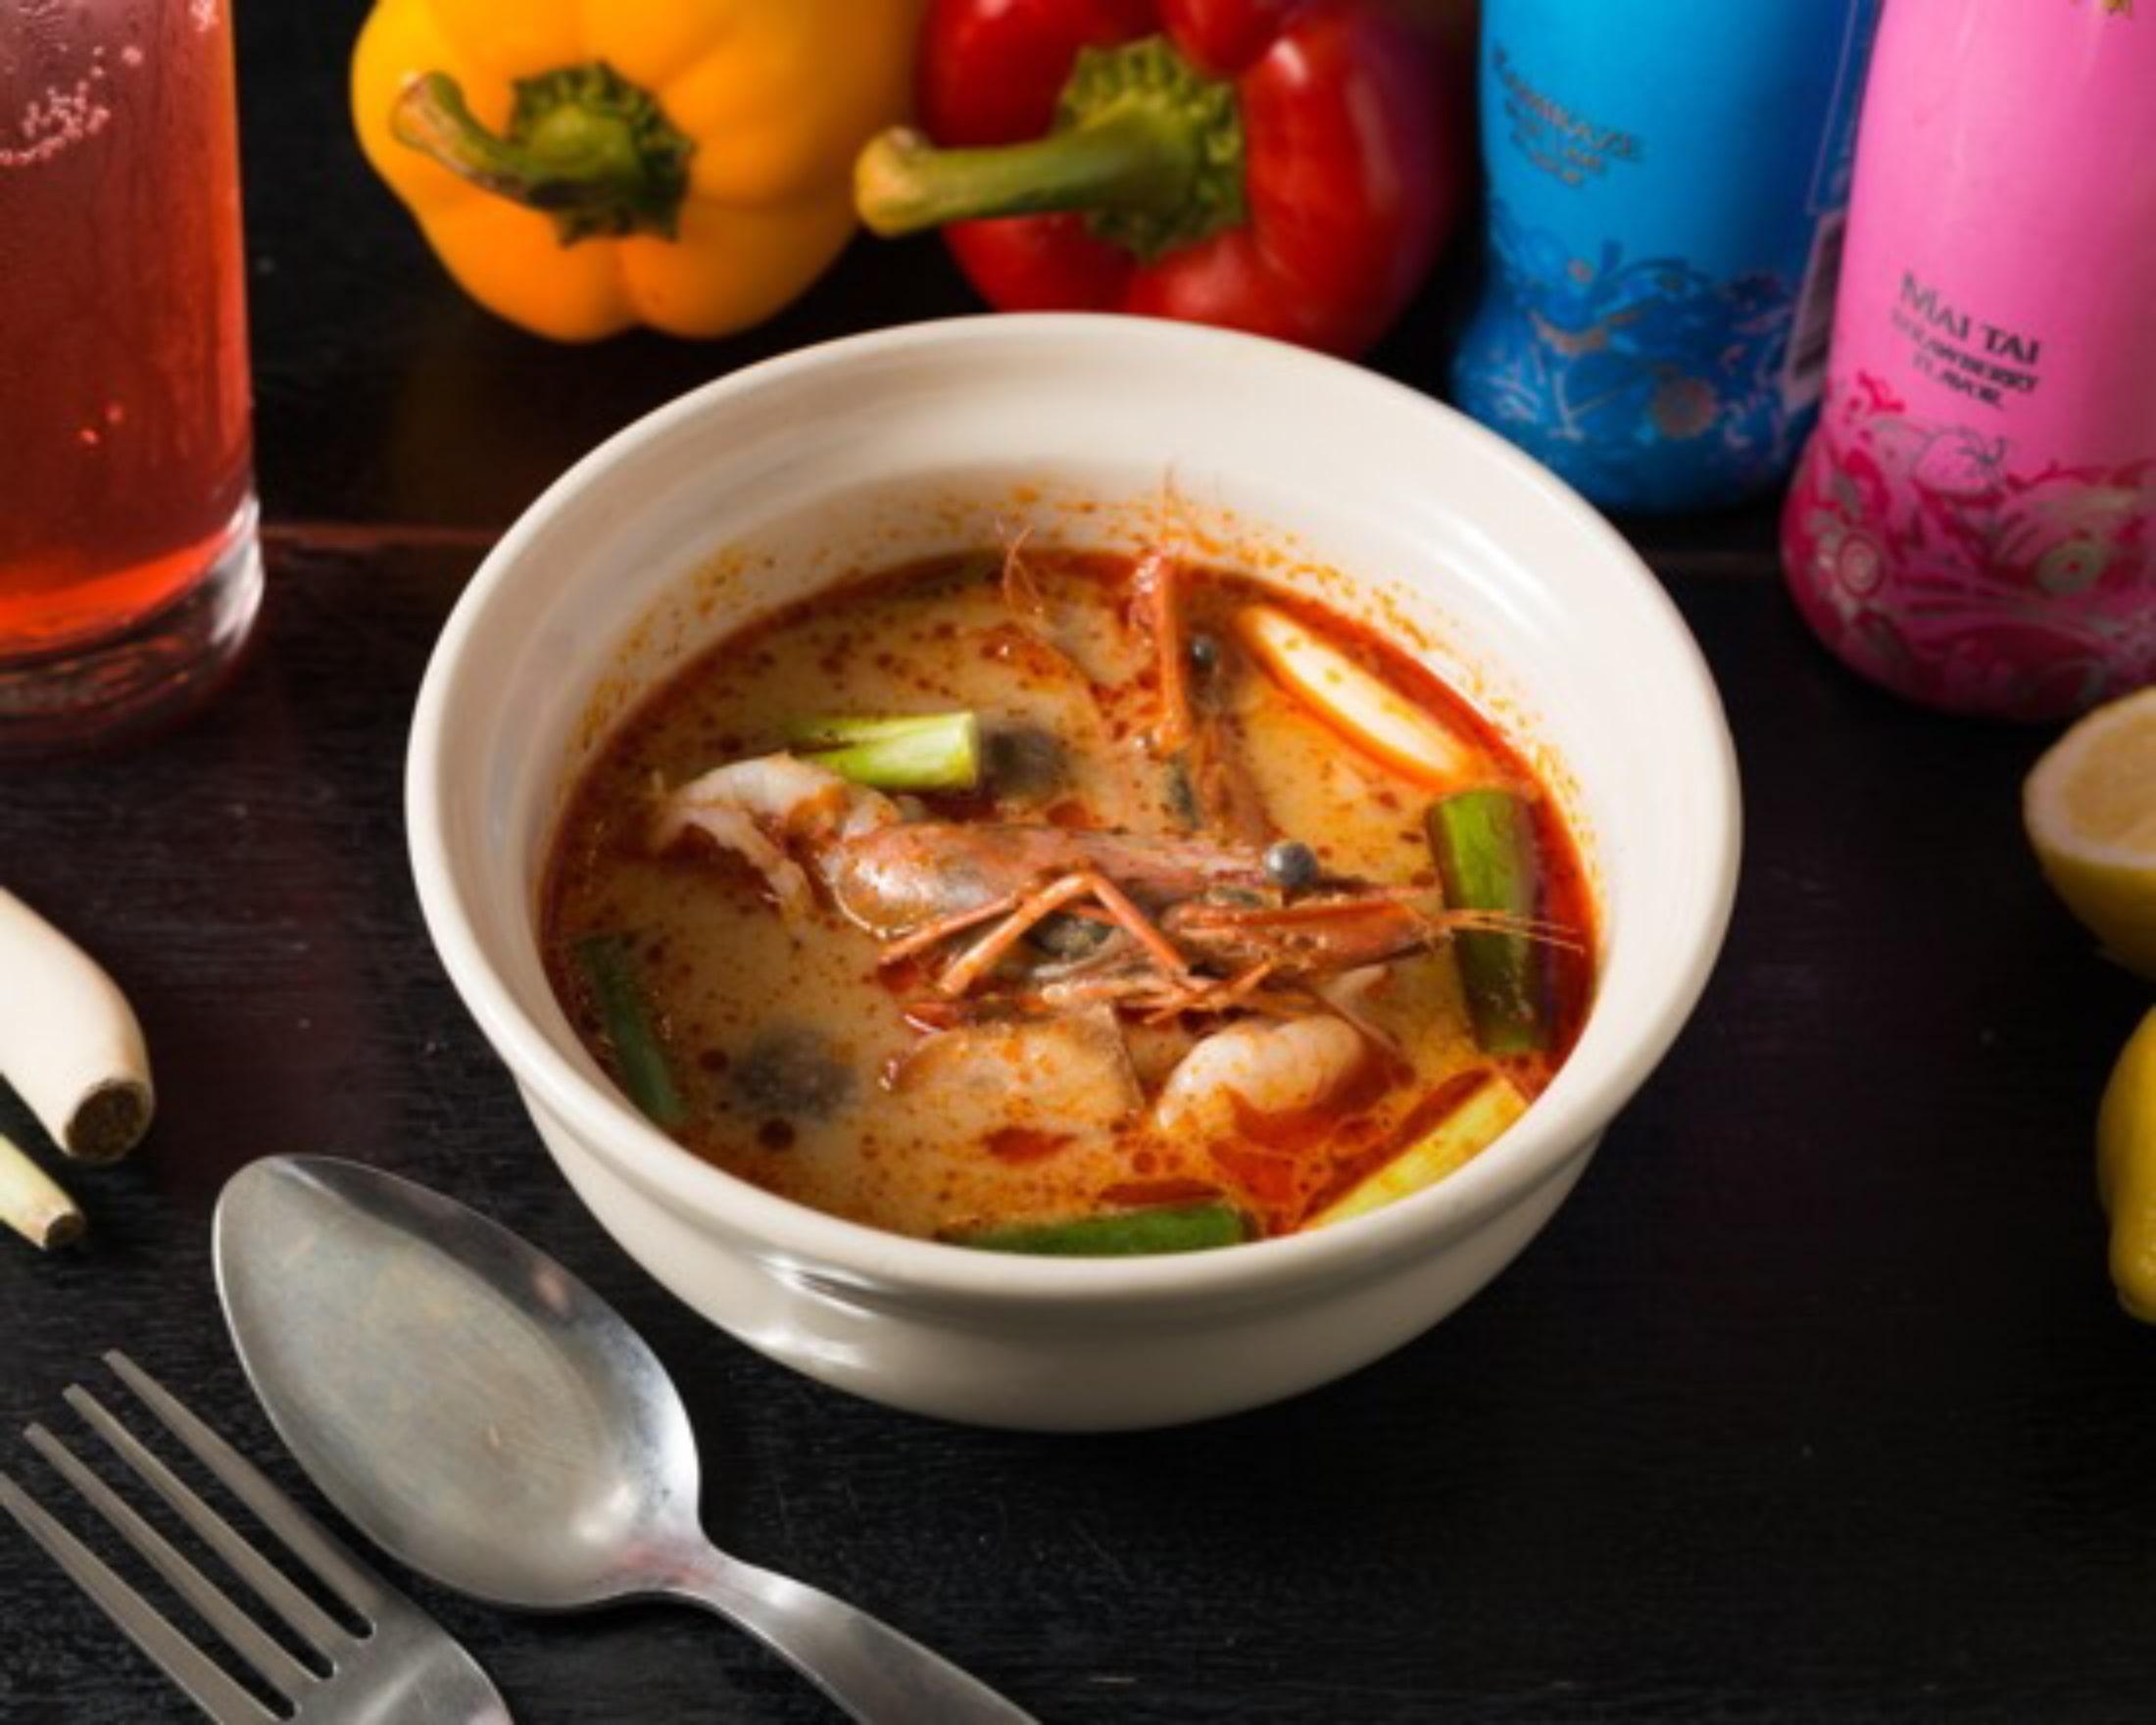 トムヤムクン/海老入り甘酸っぱ辛いタイスープ